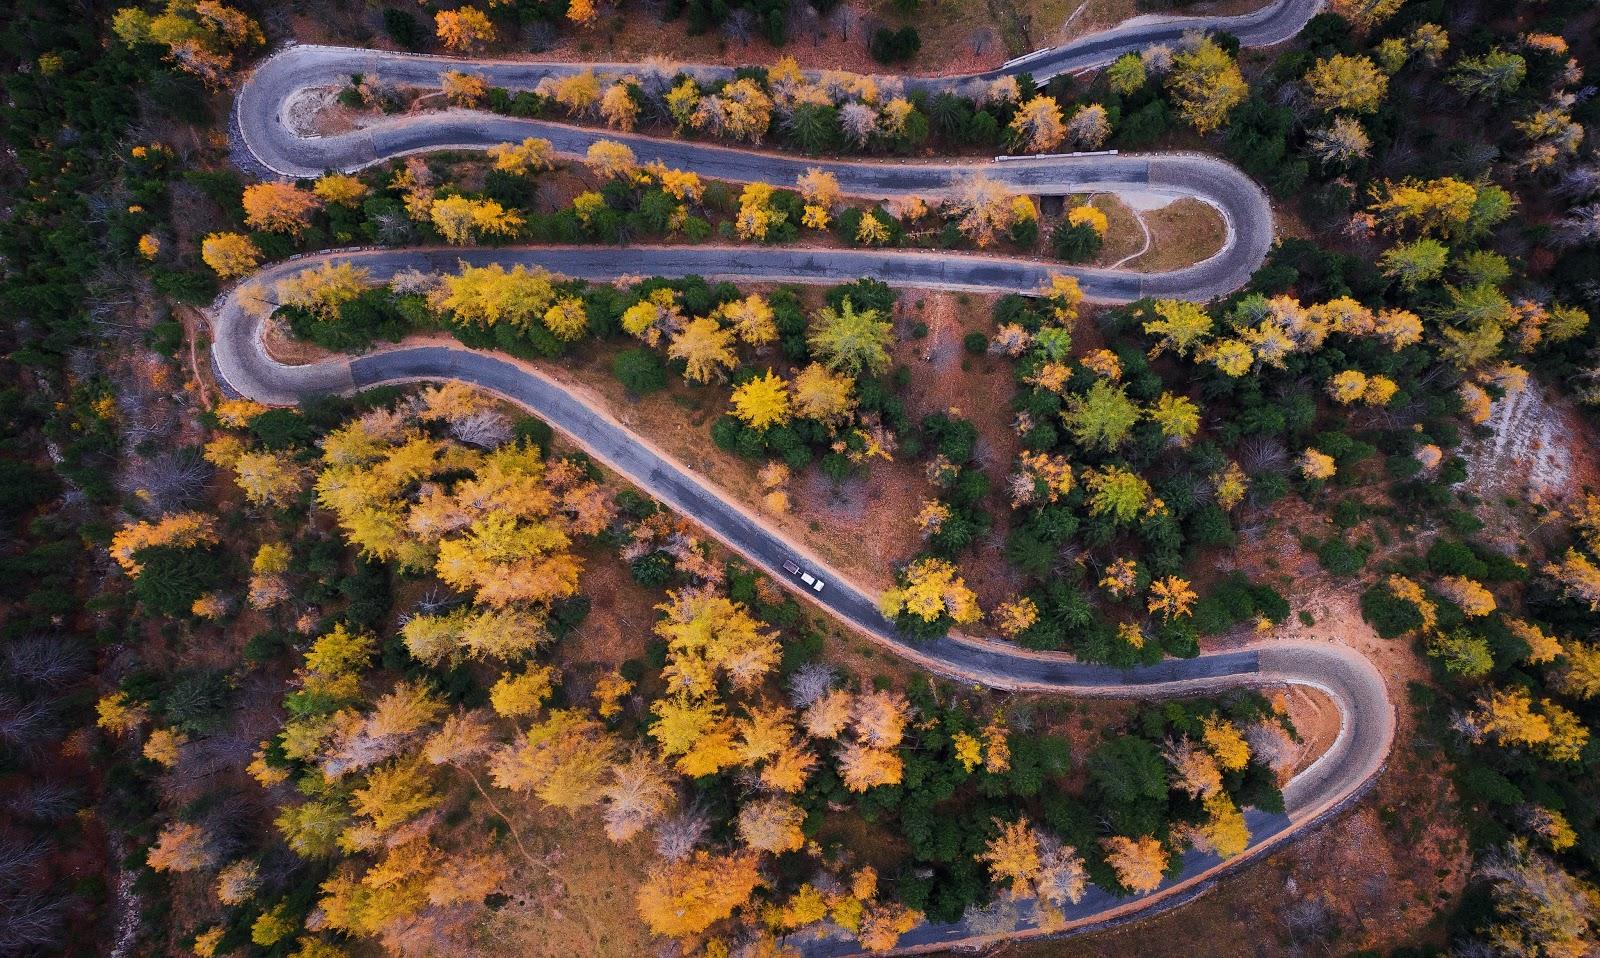 La importancia del estudio de impacto ambiental en los proyectos de construcción